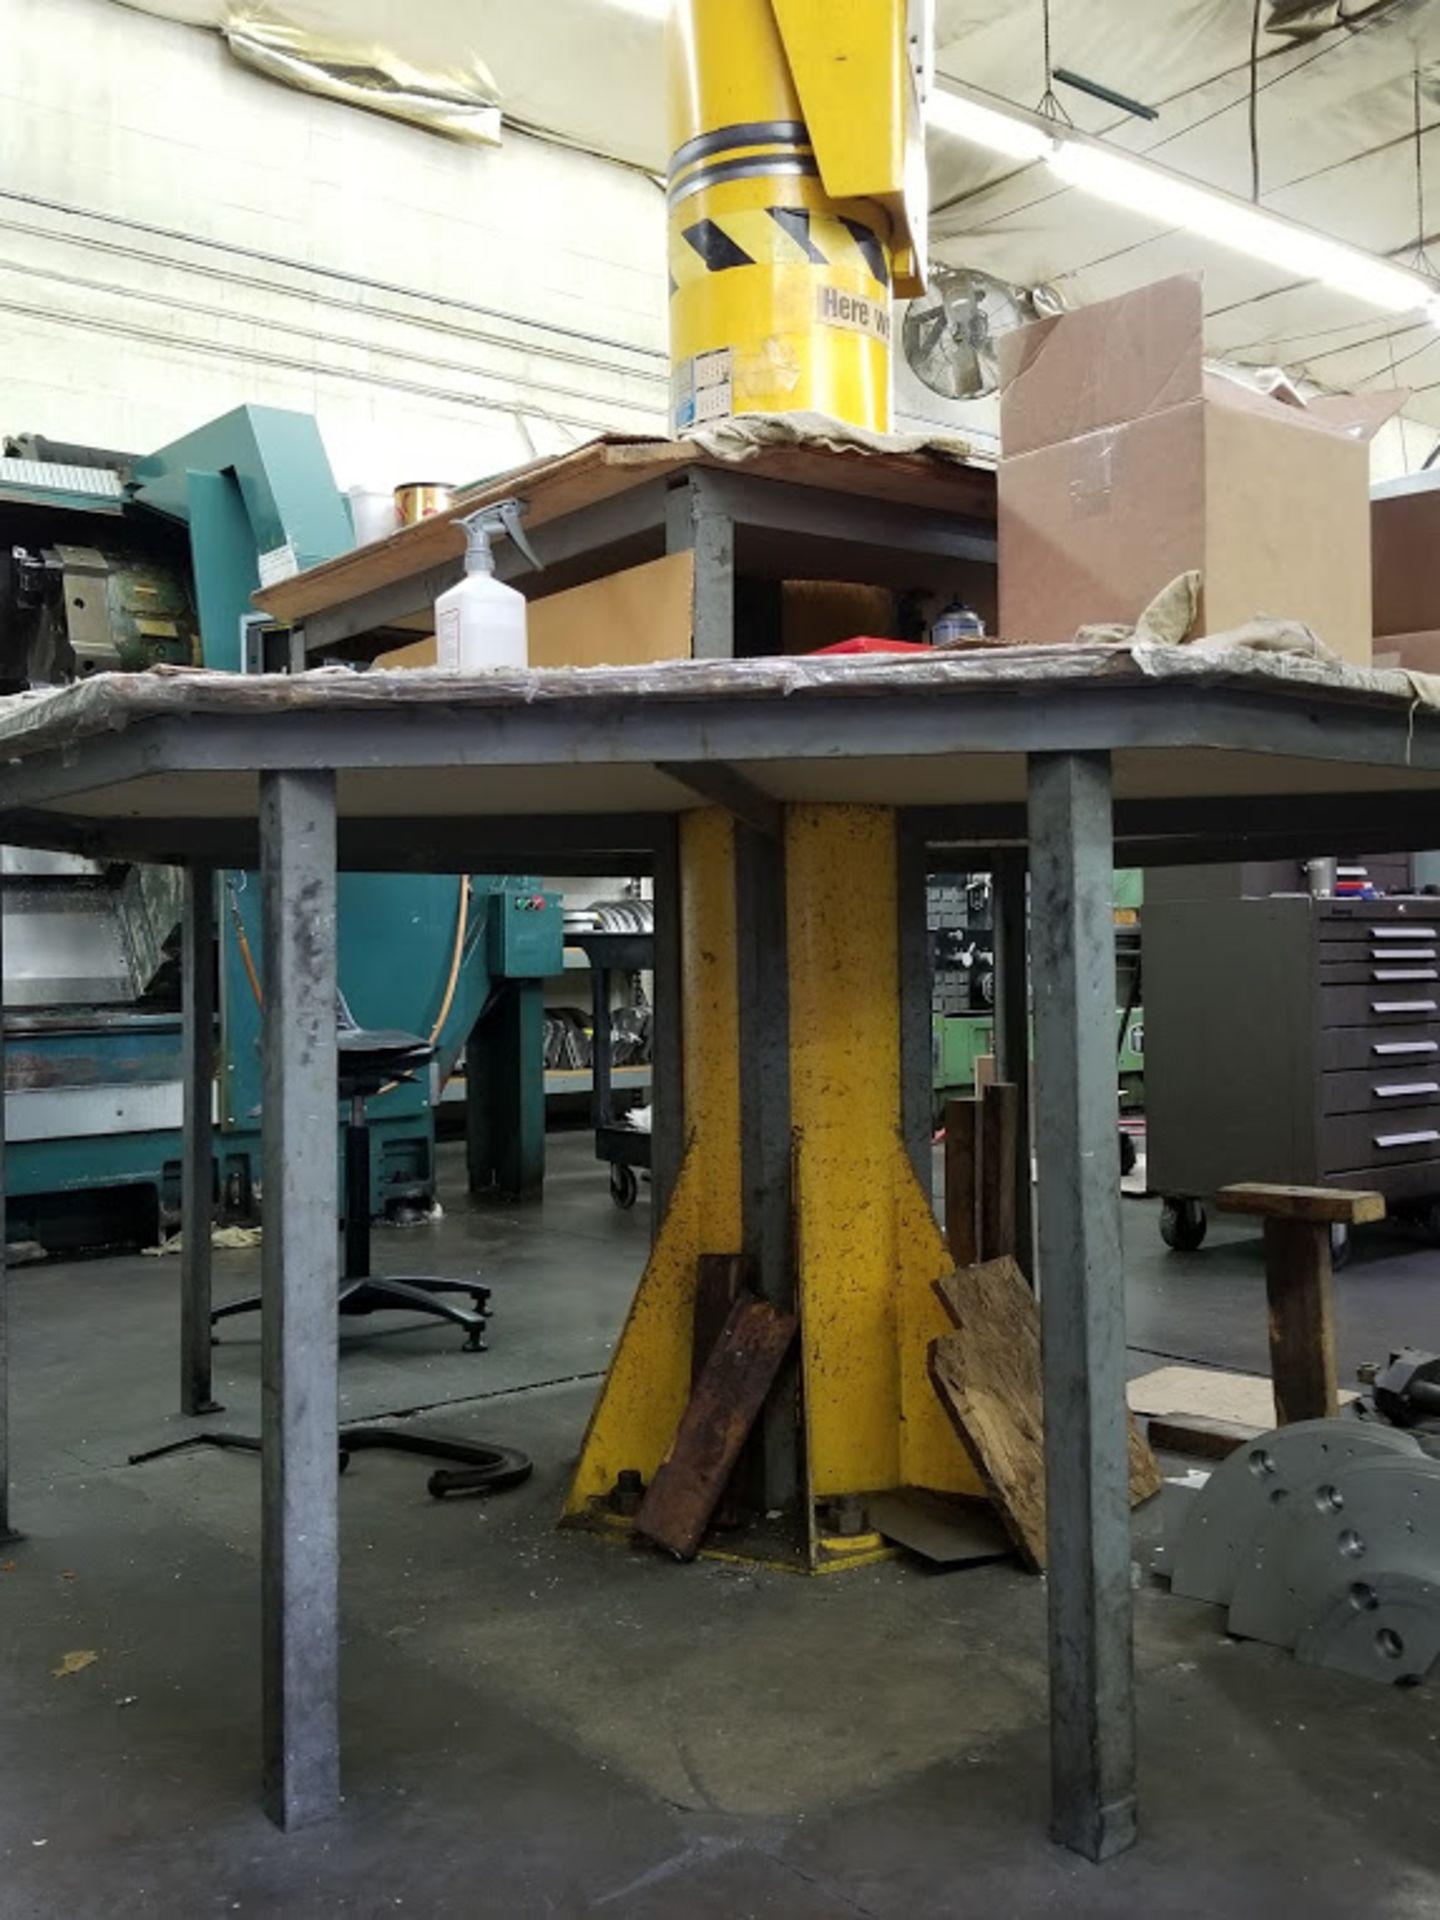 Lot 14 - Southwest JIB Crane 1/2 Ton with Trolley Rails & Electric Chain Hoist 110 Volt & Shop Table. No